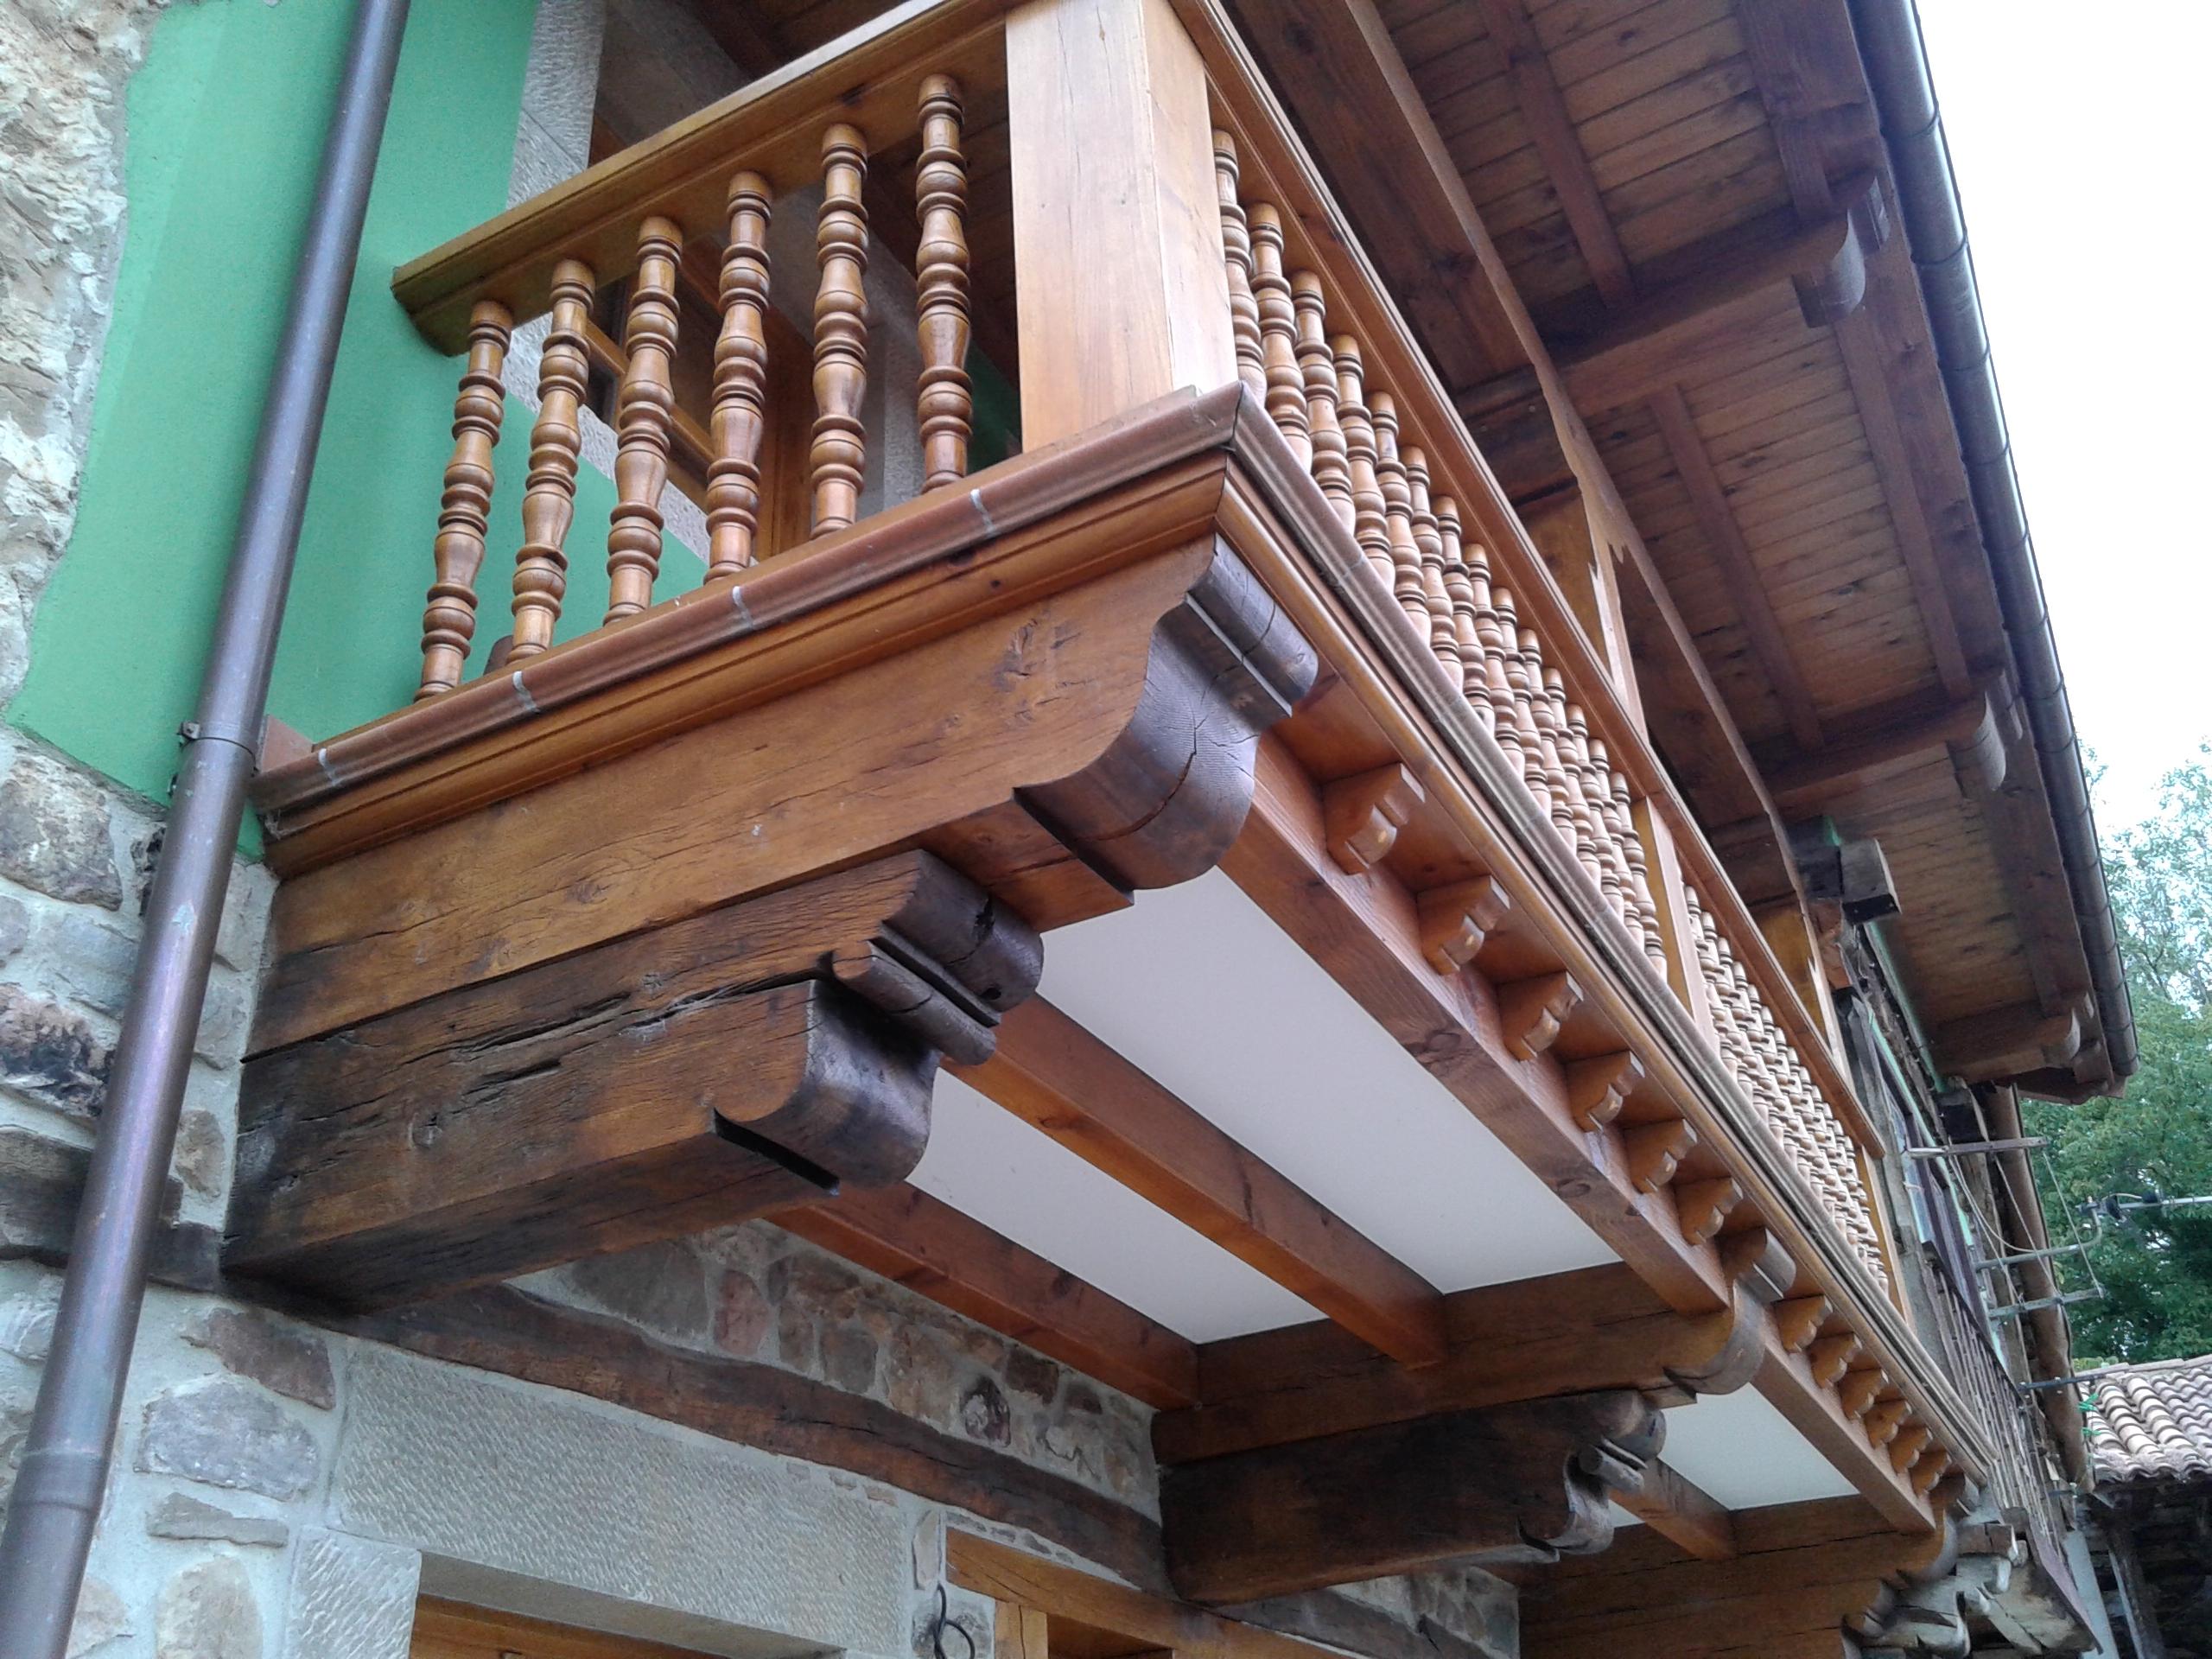 Balcon de madera reconstruido maderas garc a varona - Balcones de madera ...